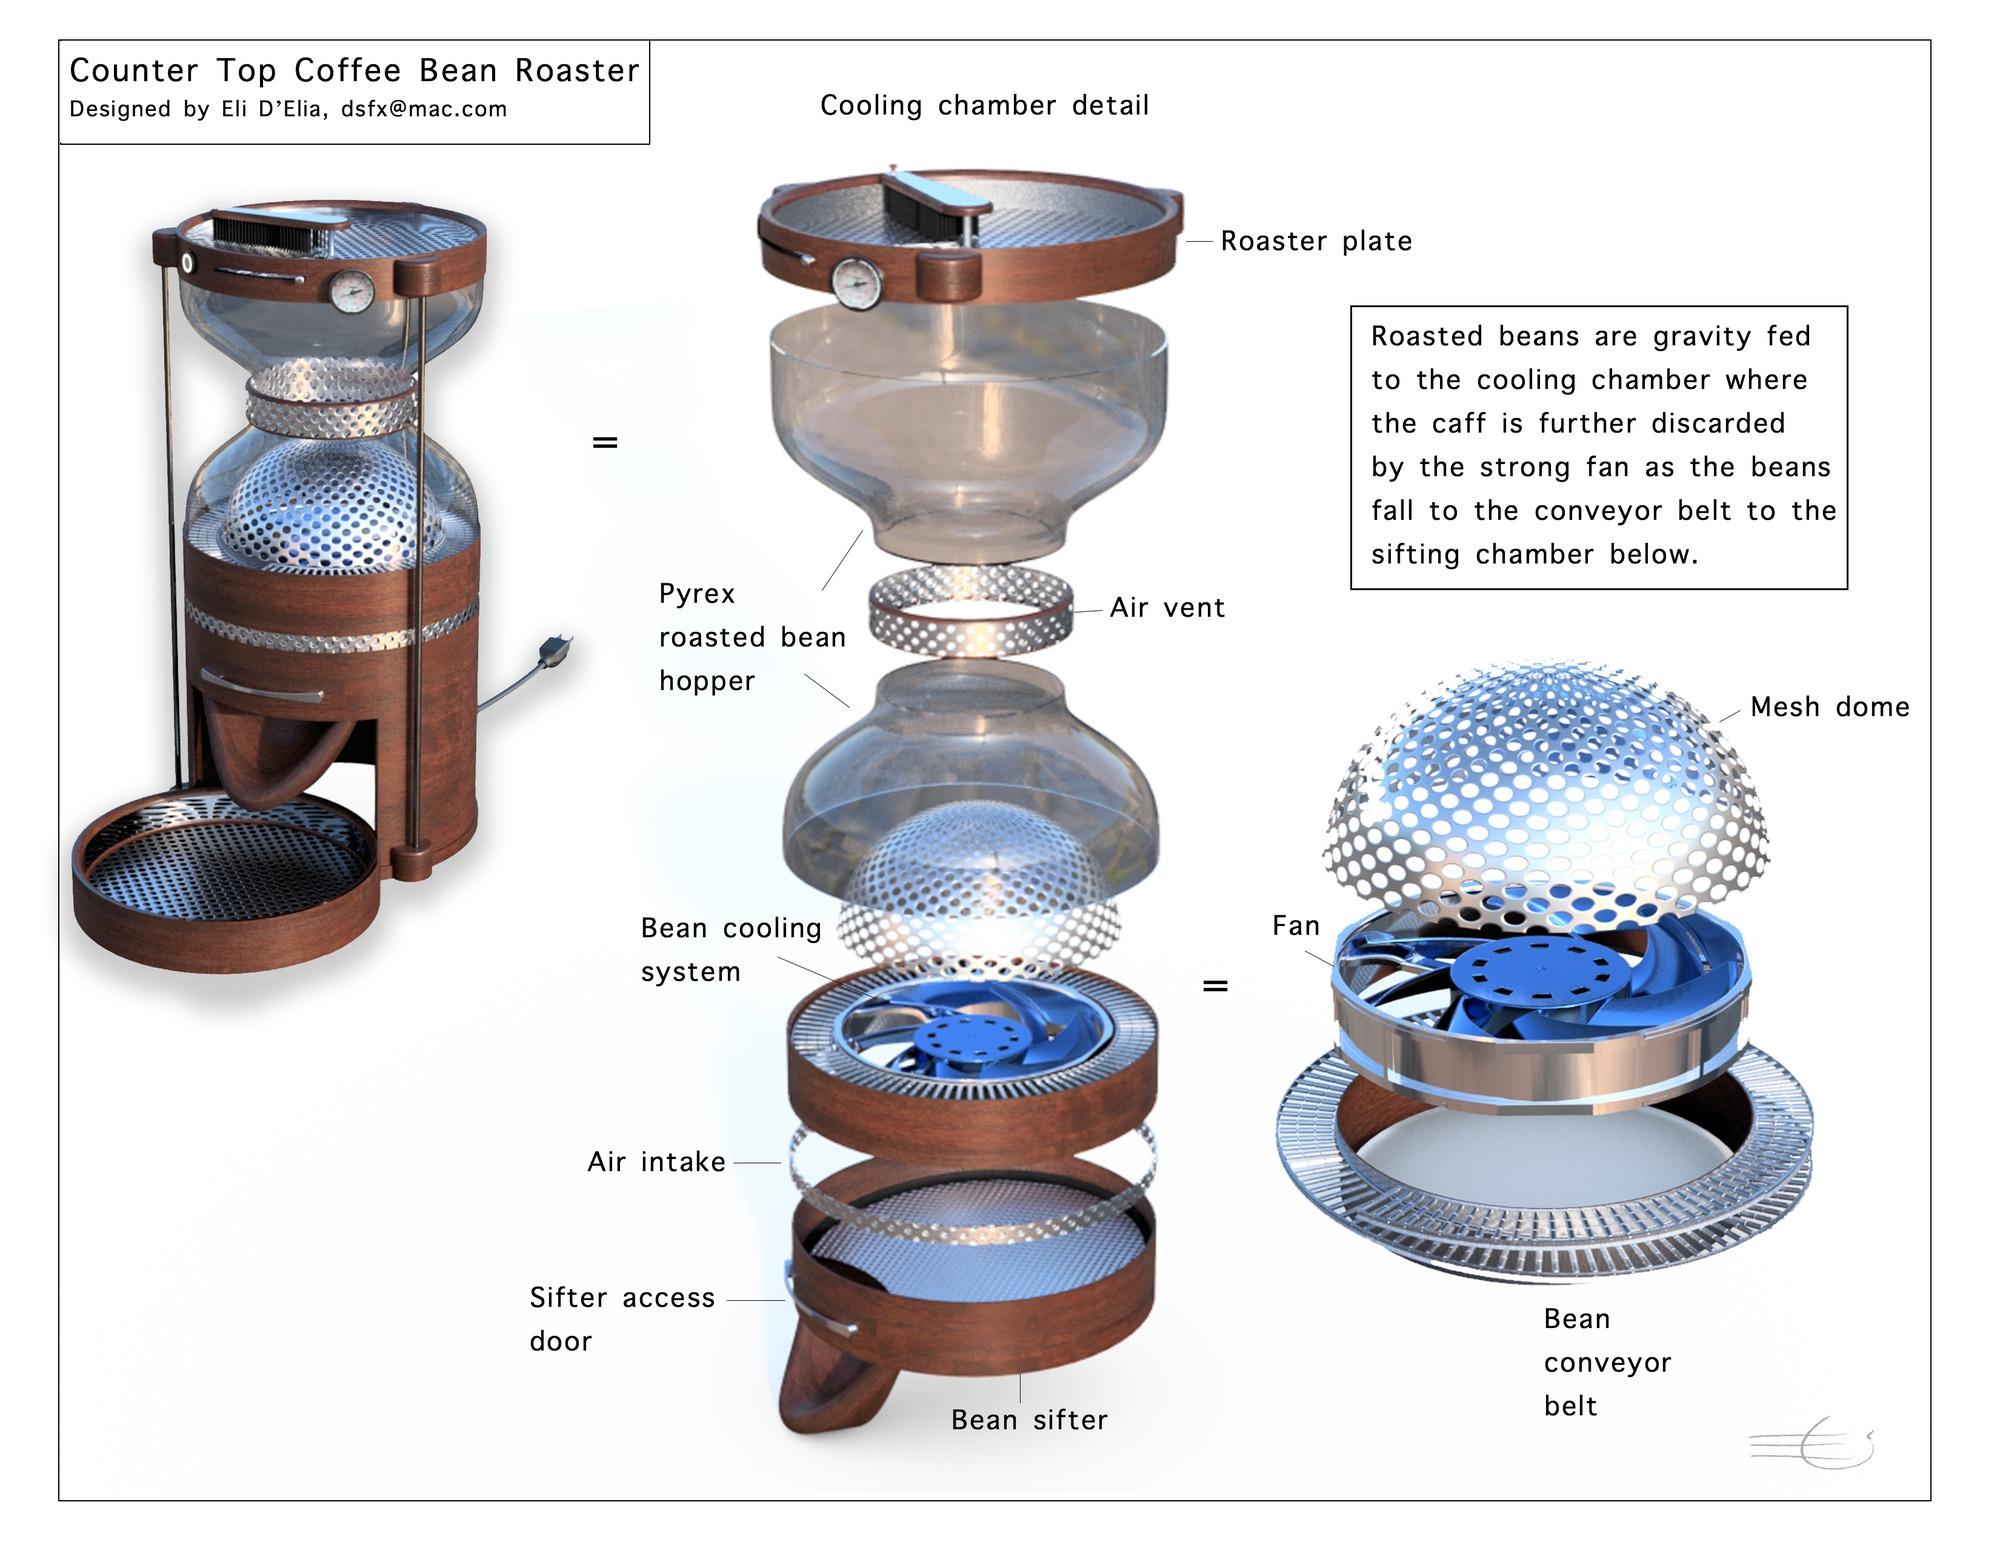 Coffeeroastercoolingchamber